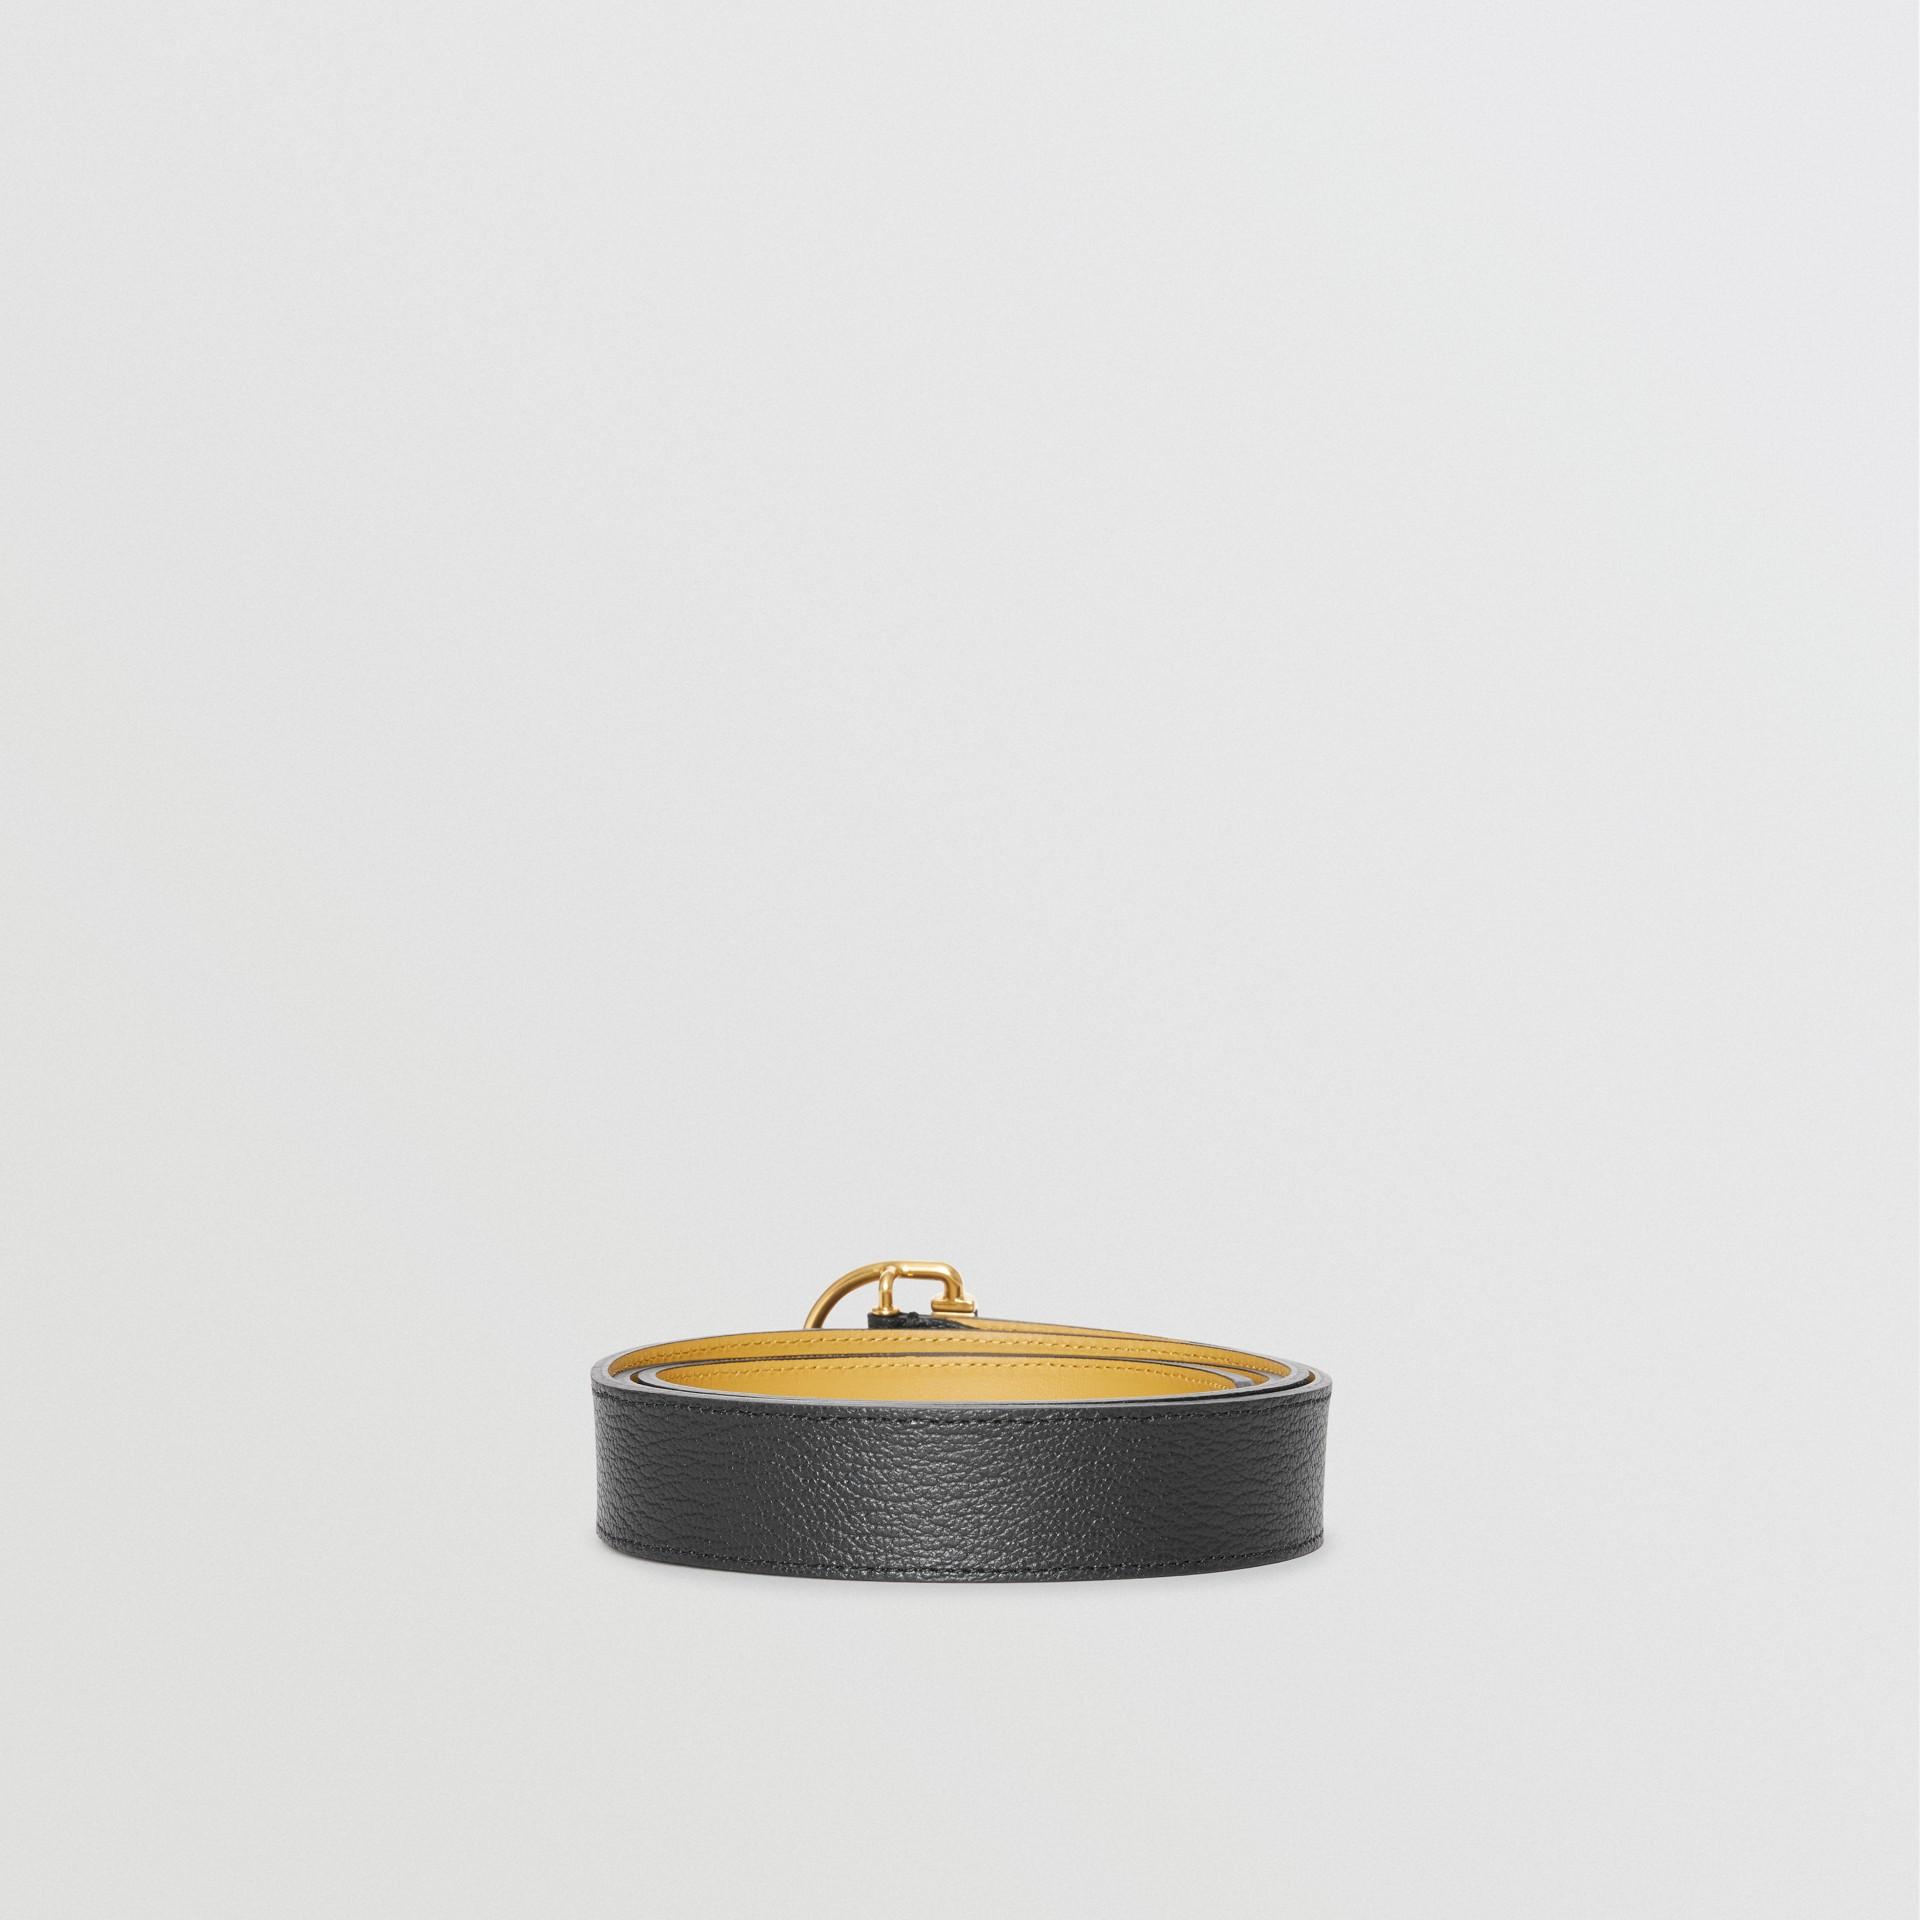 Cintura in pelle a grana con anello a D (Nero/fiordaliso) - Donna | Burberry - immagine della galleria 4